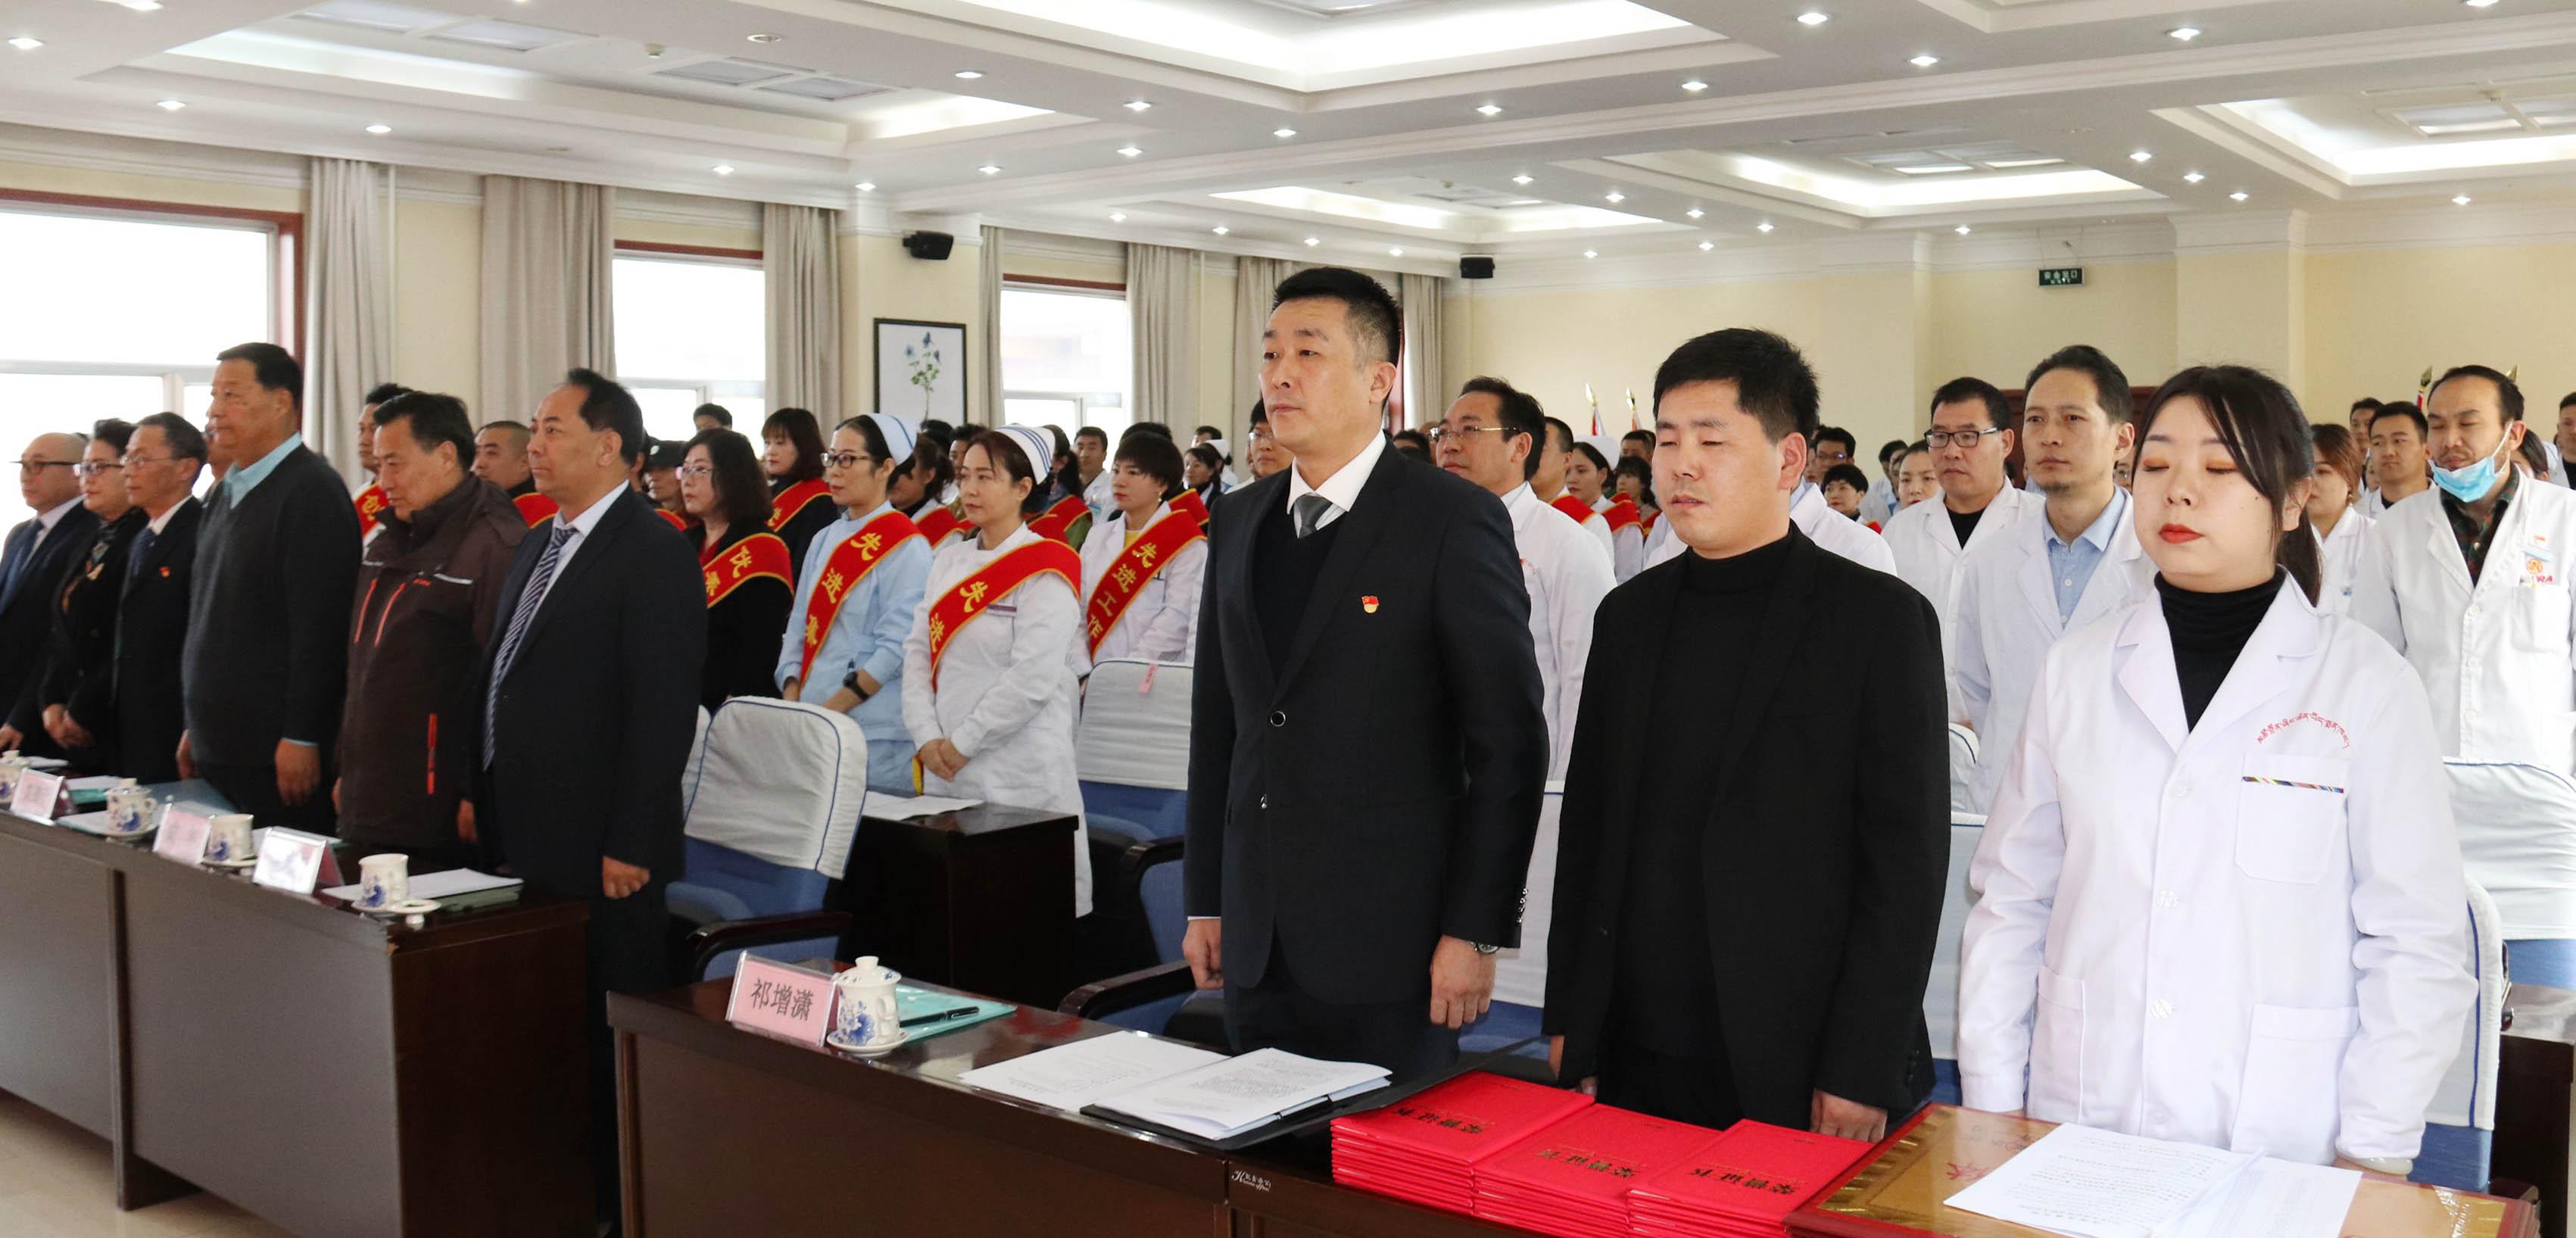 青海省藏医院隆重举行2019年度总结表彰大会(图3)